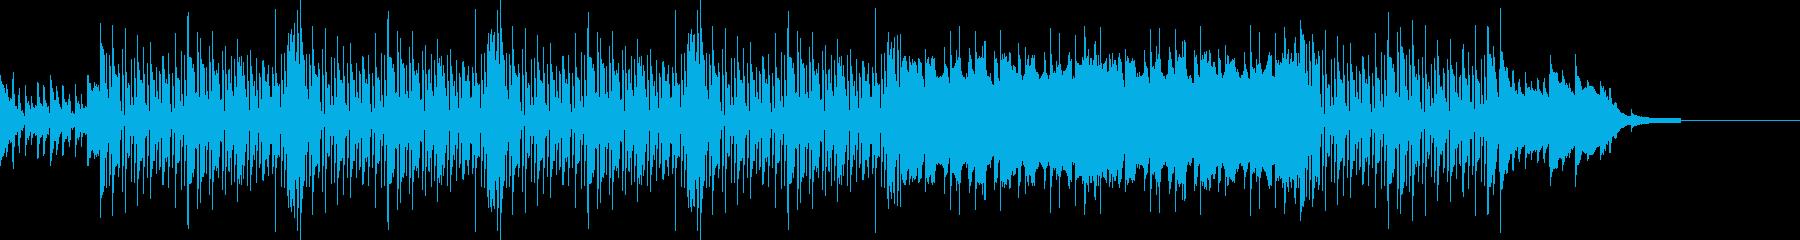 ほのぼのとした、牧歌的なBGM。の再生済みの波形